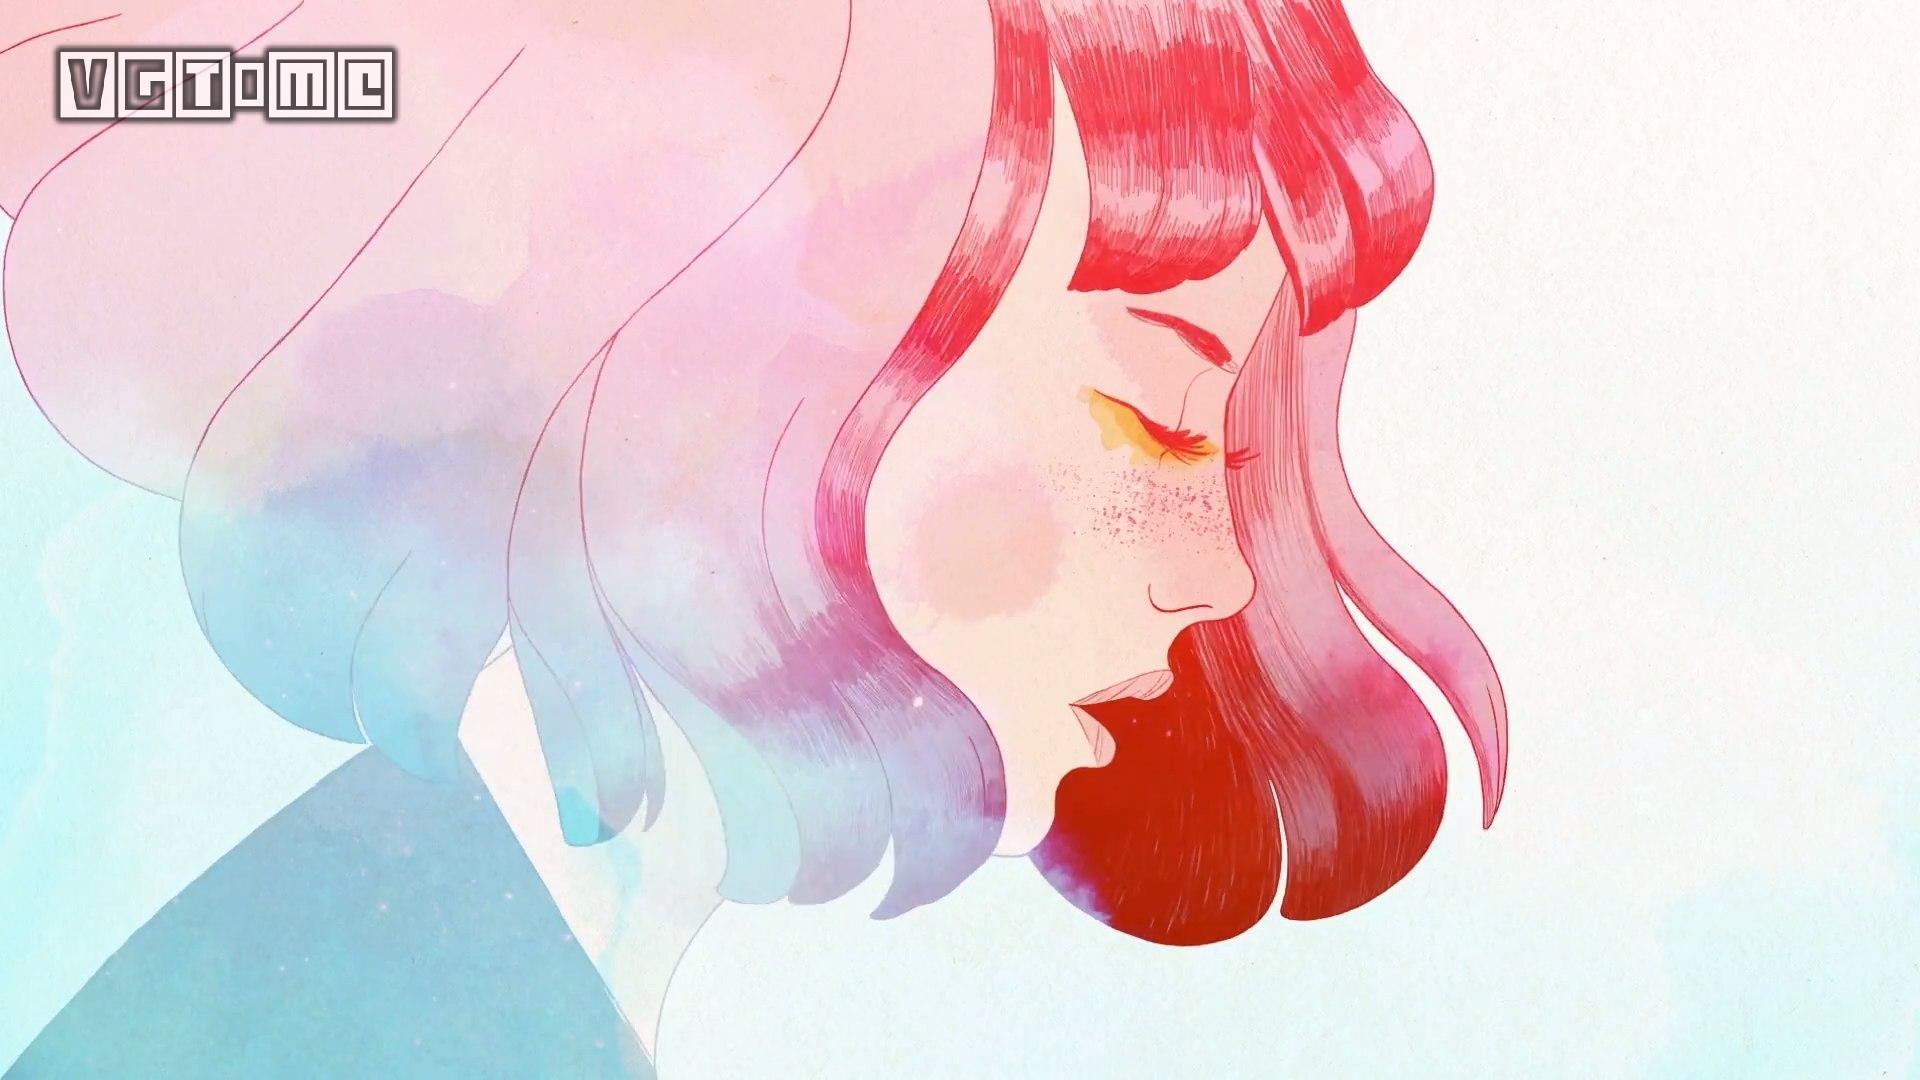 水彩风解谜游戏《Gris》将于12月13日发售